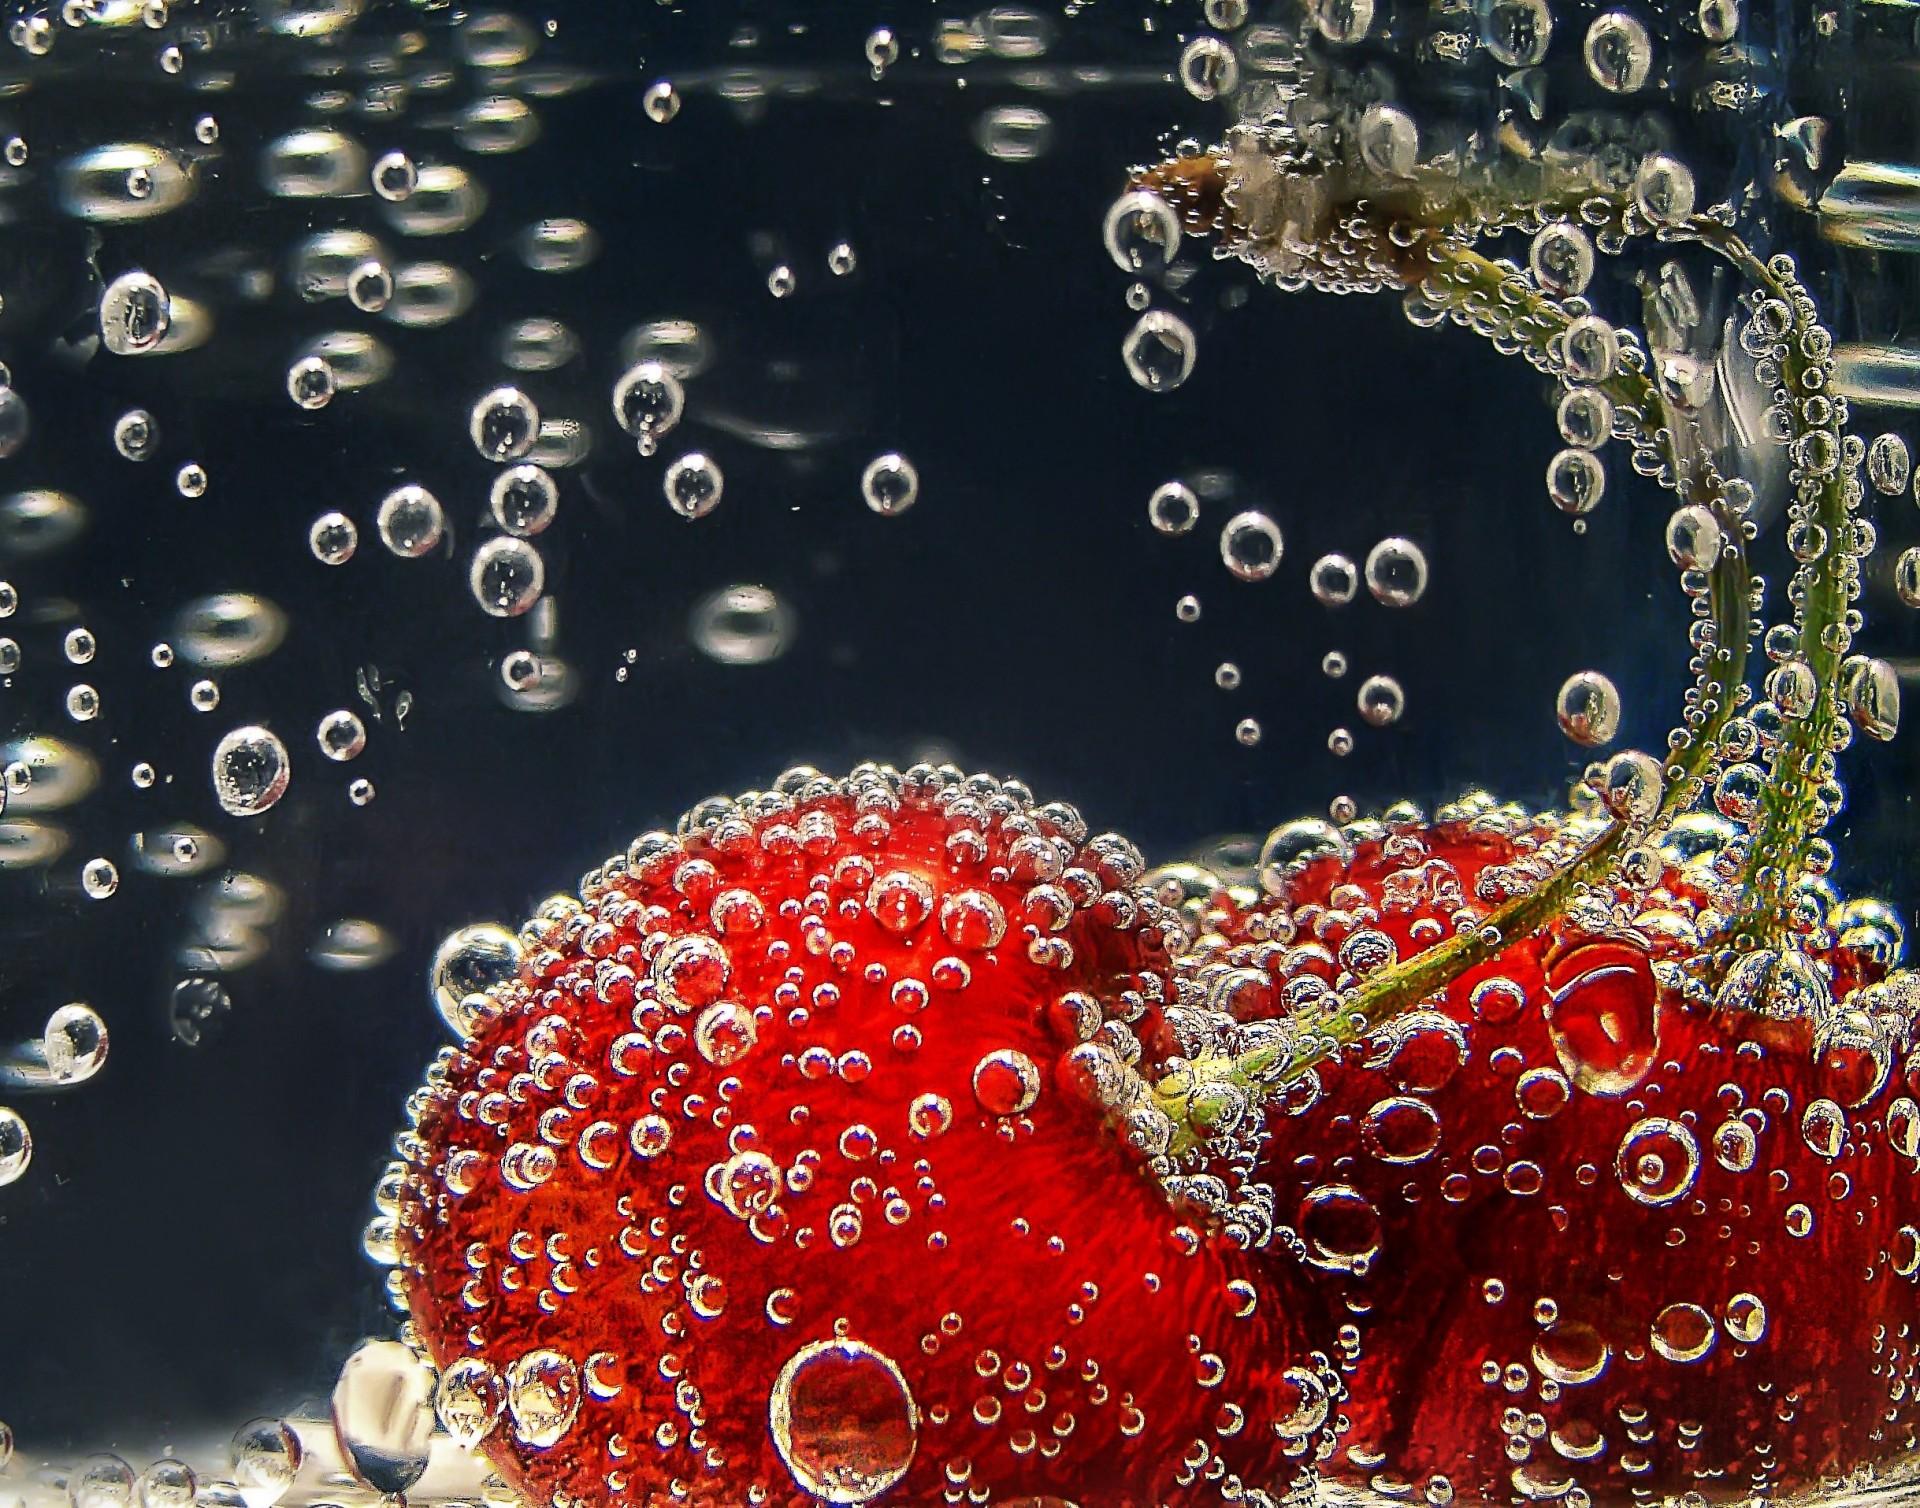 портретной ягоды в воде фото классических